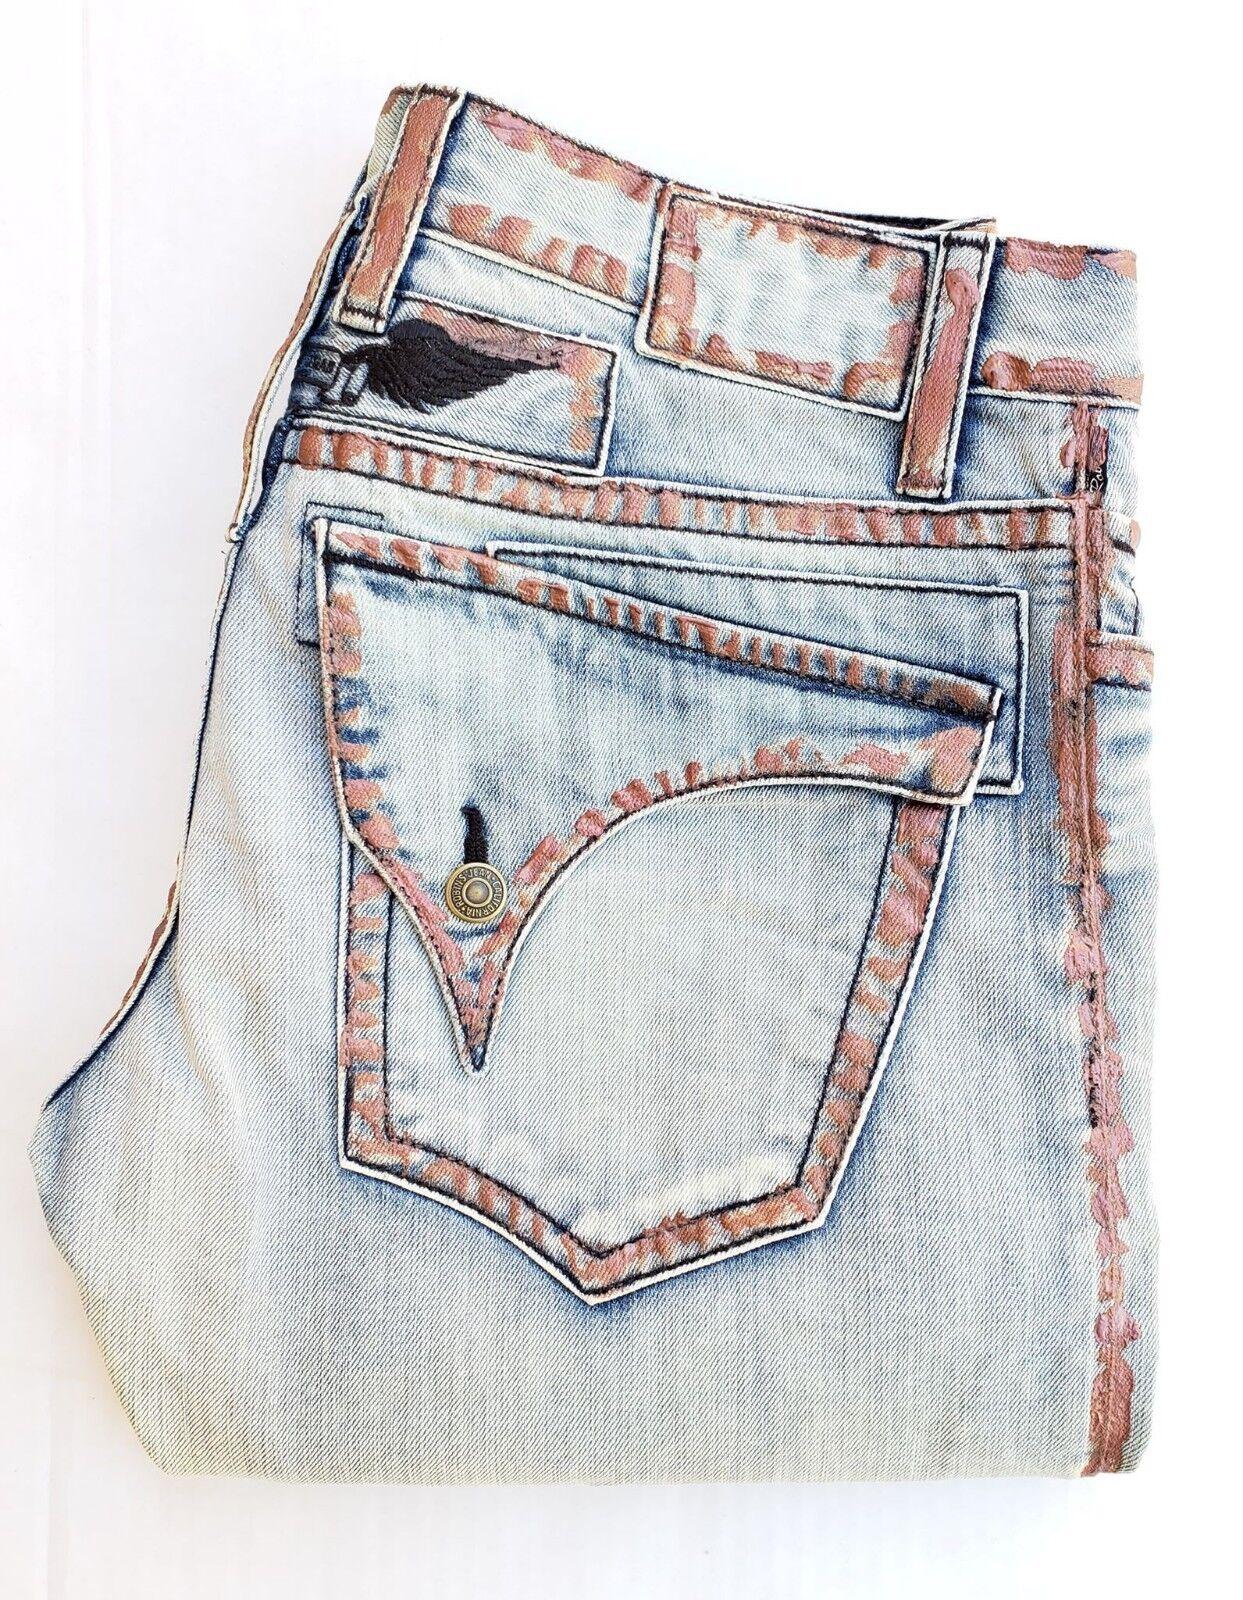 New Men's ROBIN'S JEAN sz 38 Long Flap Straight Leg Jeans- Waxed